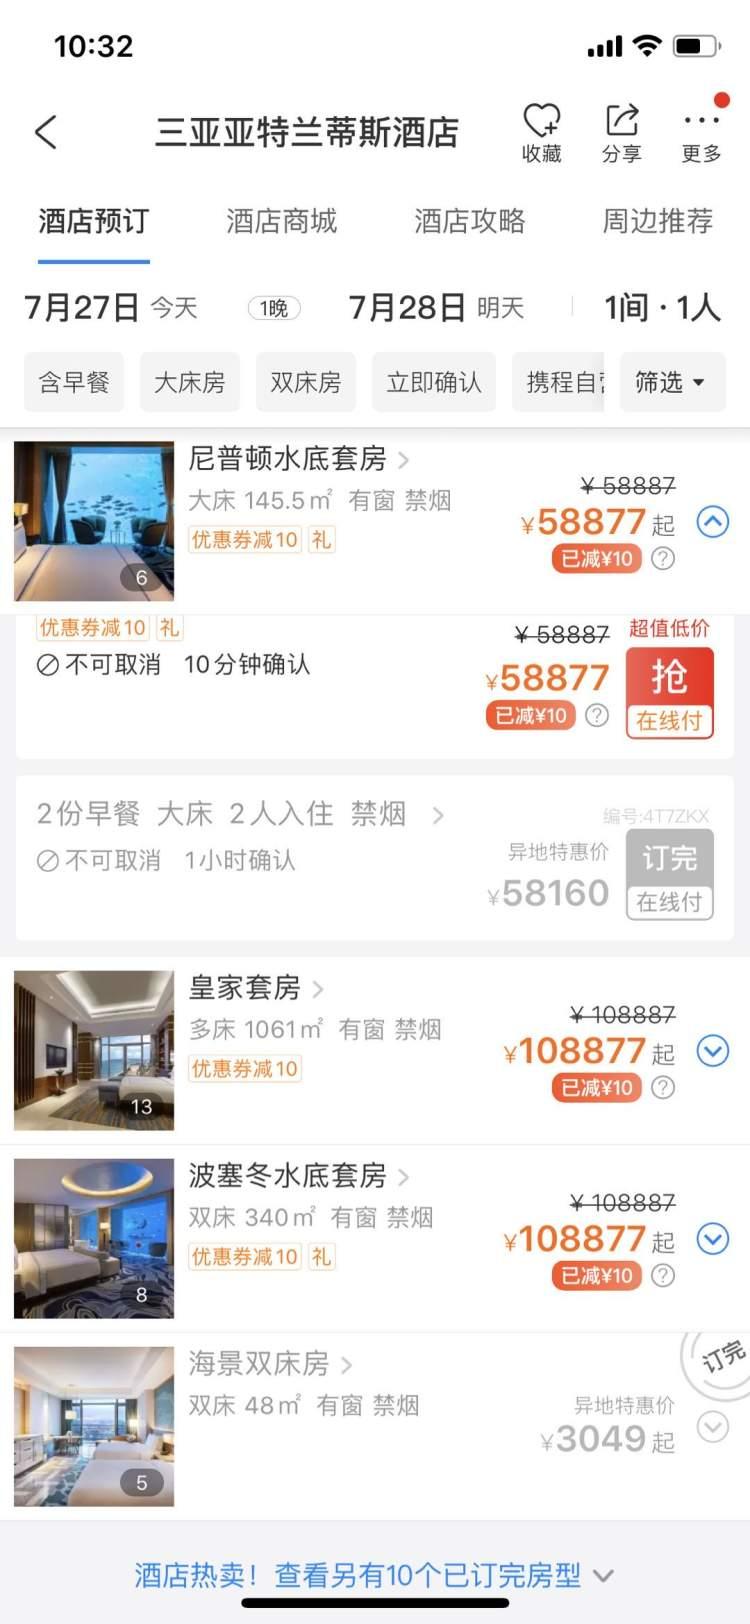 """酒店均价全国最贵!亲子出游旺、预定周期短三亚成暑期旅游""""最亮的星"""""""